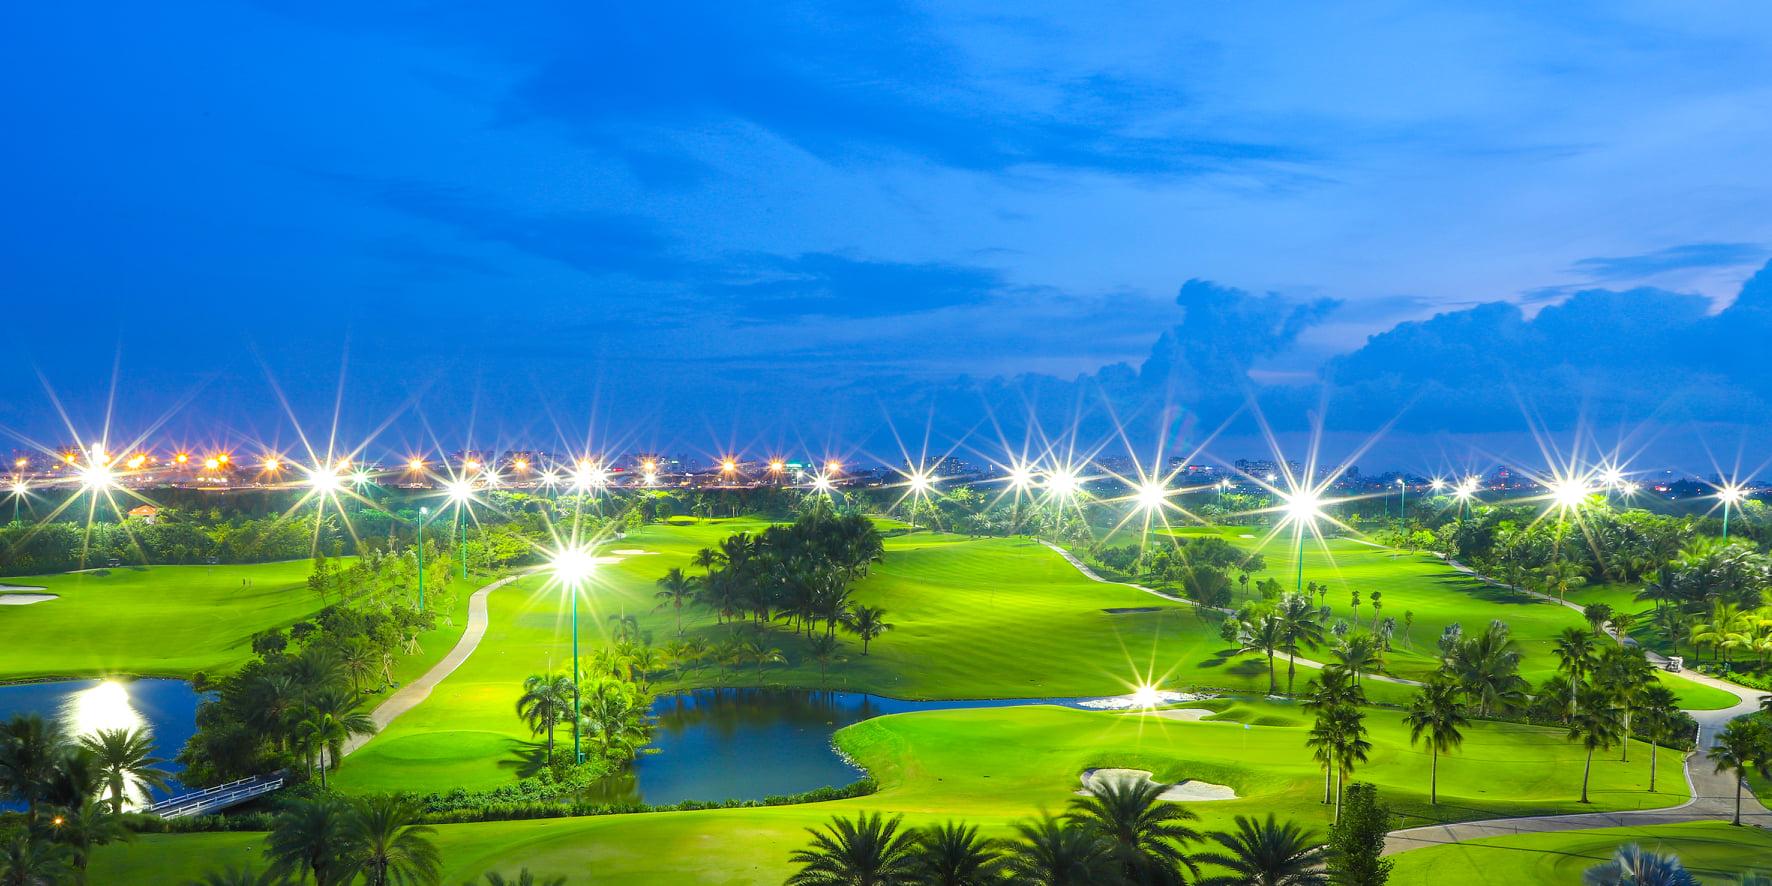 Sân golf Tân Sơn Nhất vào ban đêm. Hình: Sưu tầm